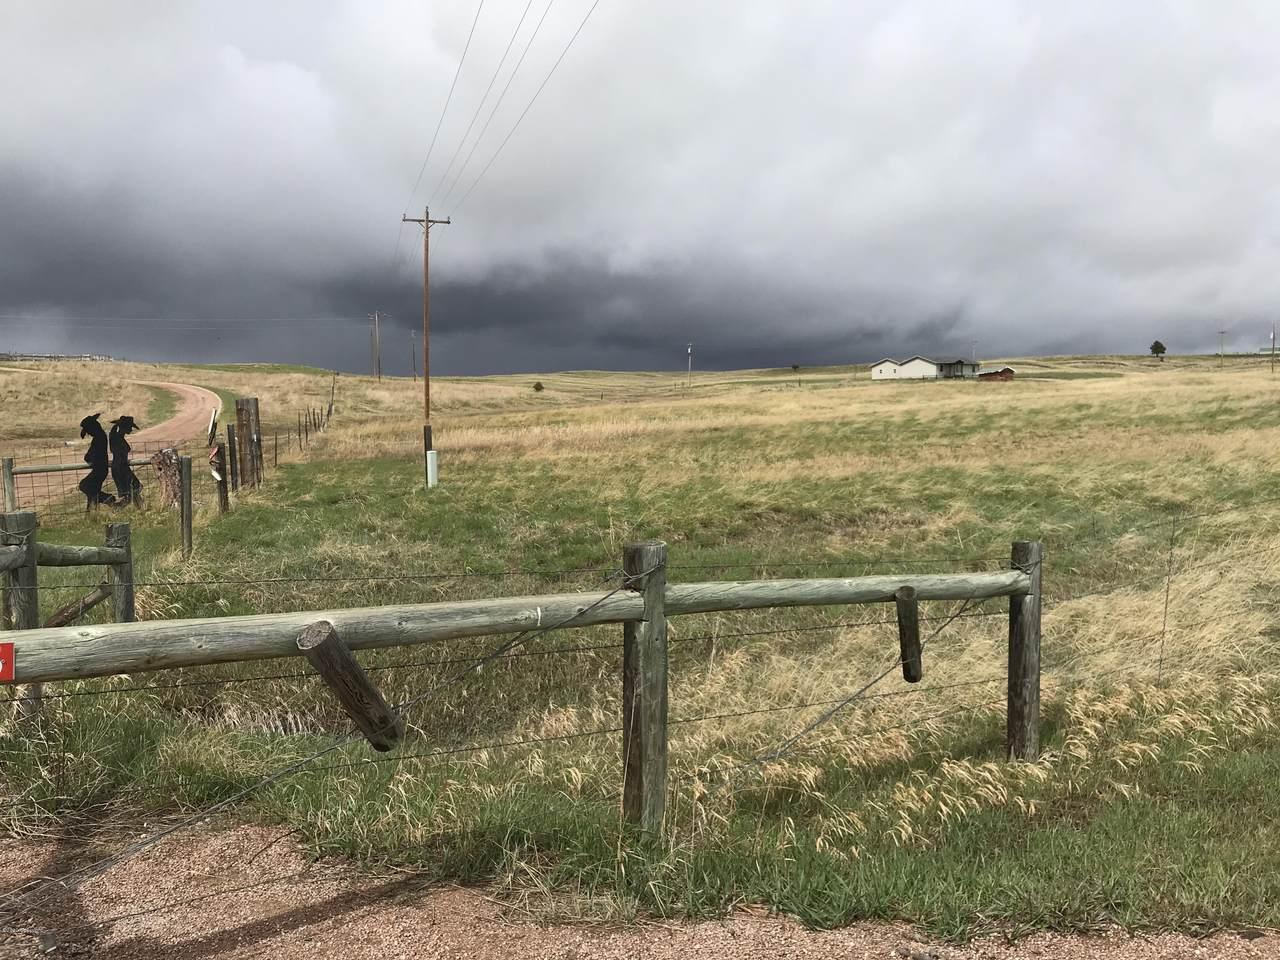 Tbd N. Mule Creek Drive - Photo 1